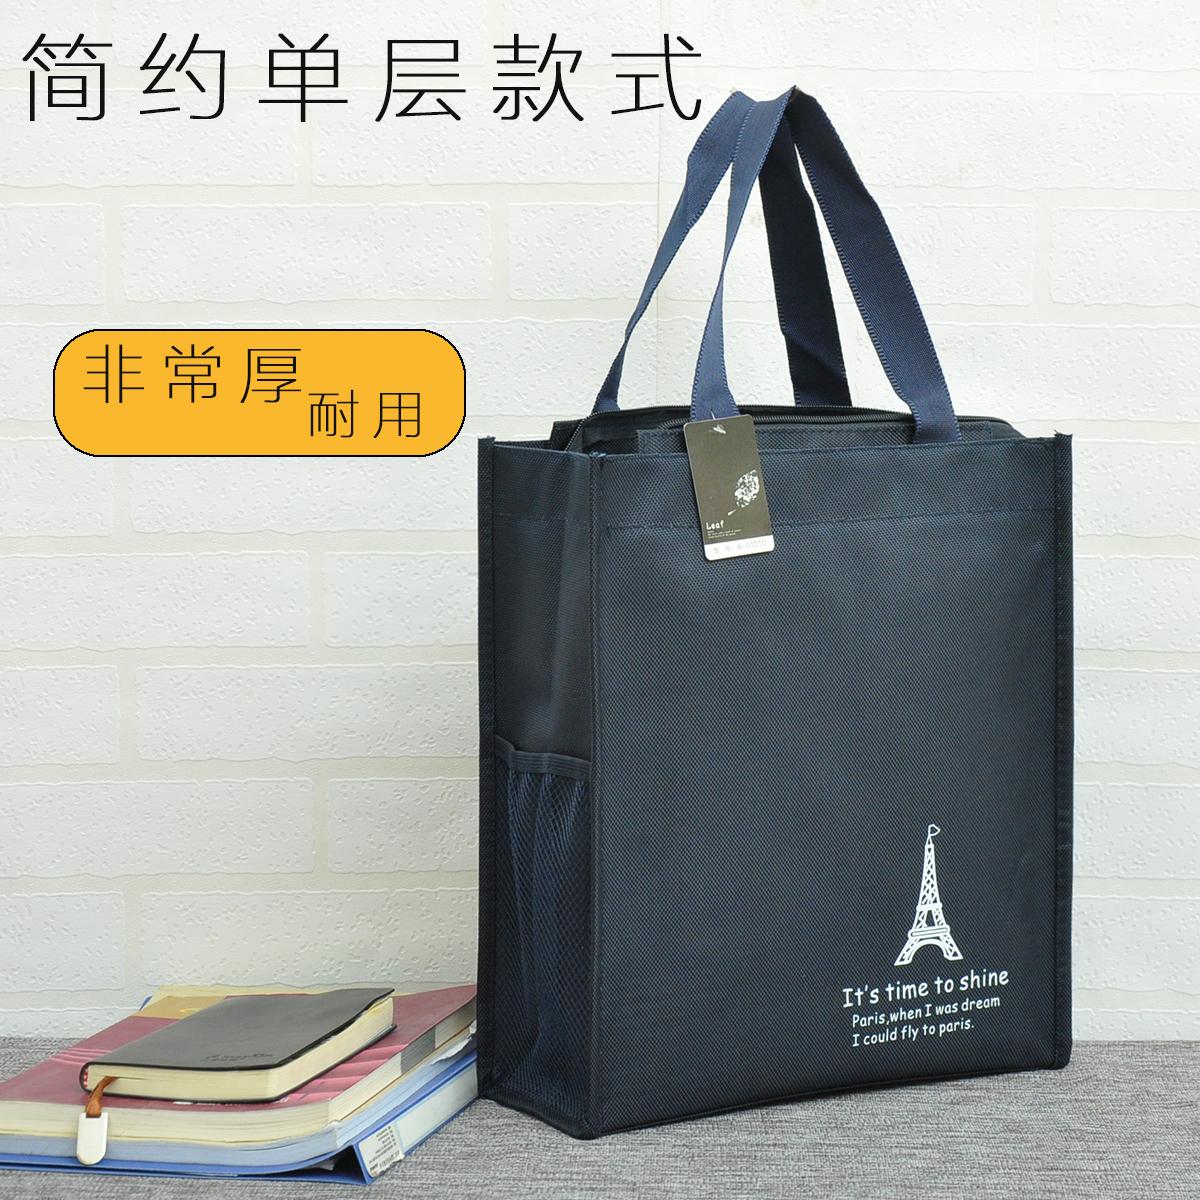 黄色手提包 文件包简约牛津布男手提包学生手拎包帆布教师手提袋公文包大容量_推荐淘宝好看的黄色手提包